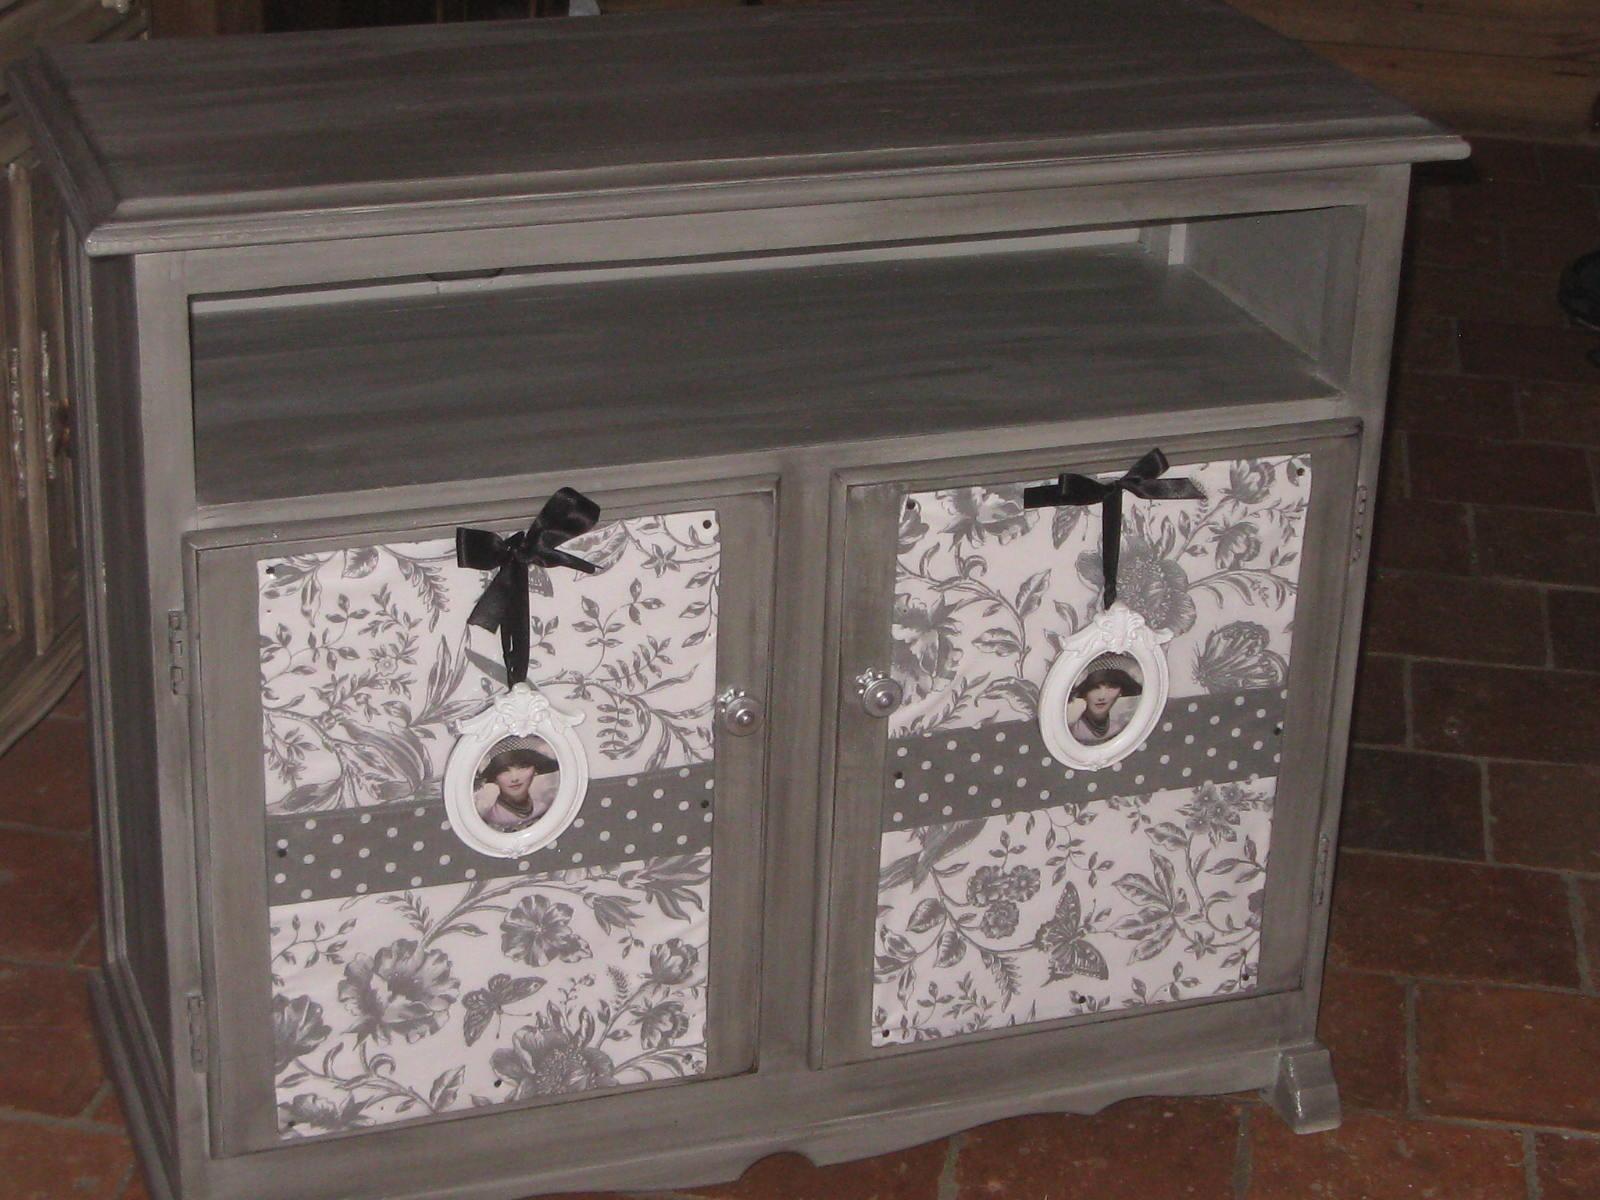 la d co de lolotte la femme aux papillons. Black Bedroom Furniture Sets. Home Design Ideas